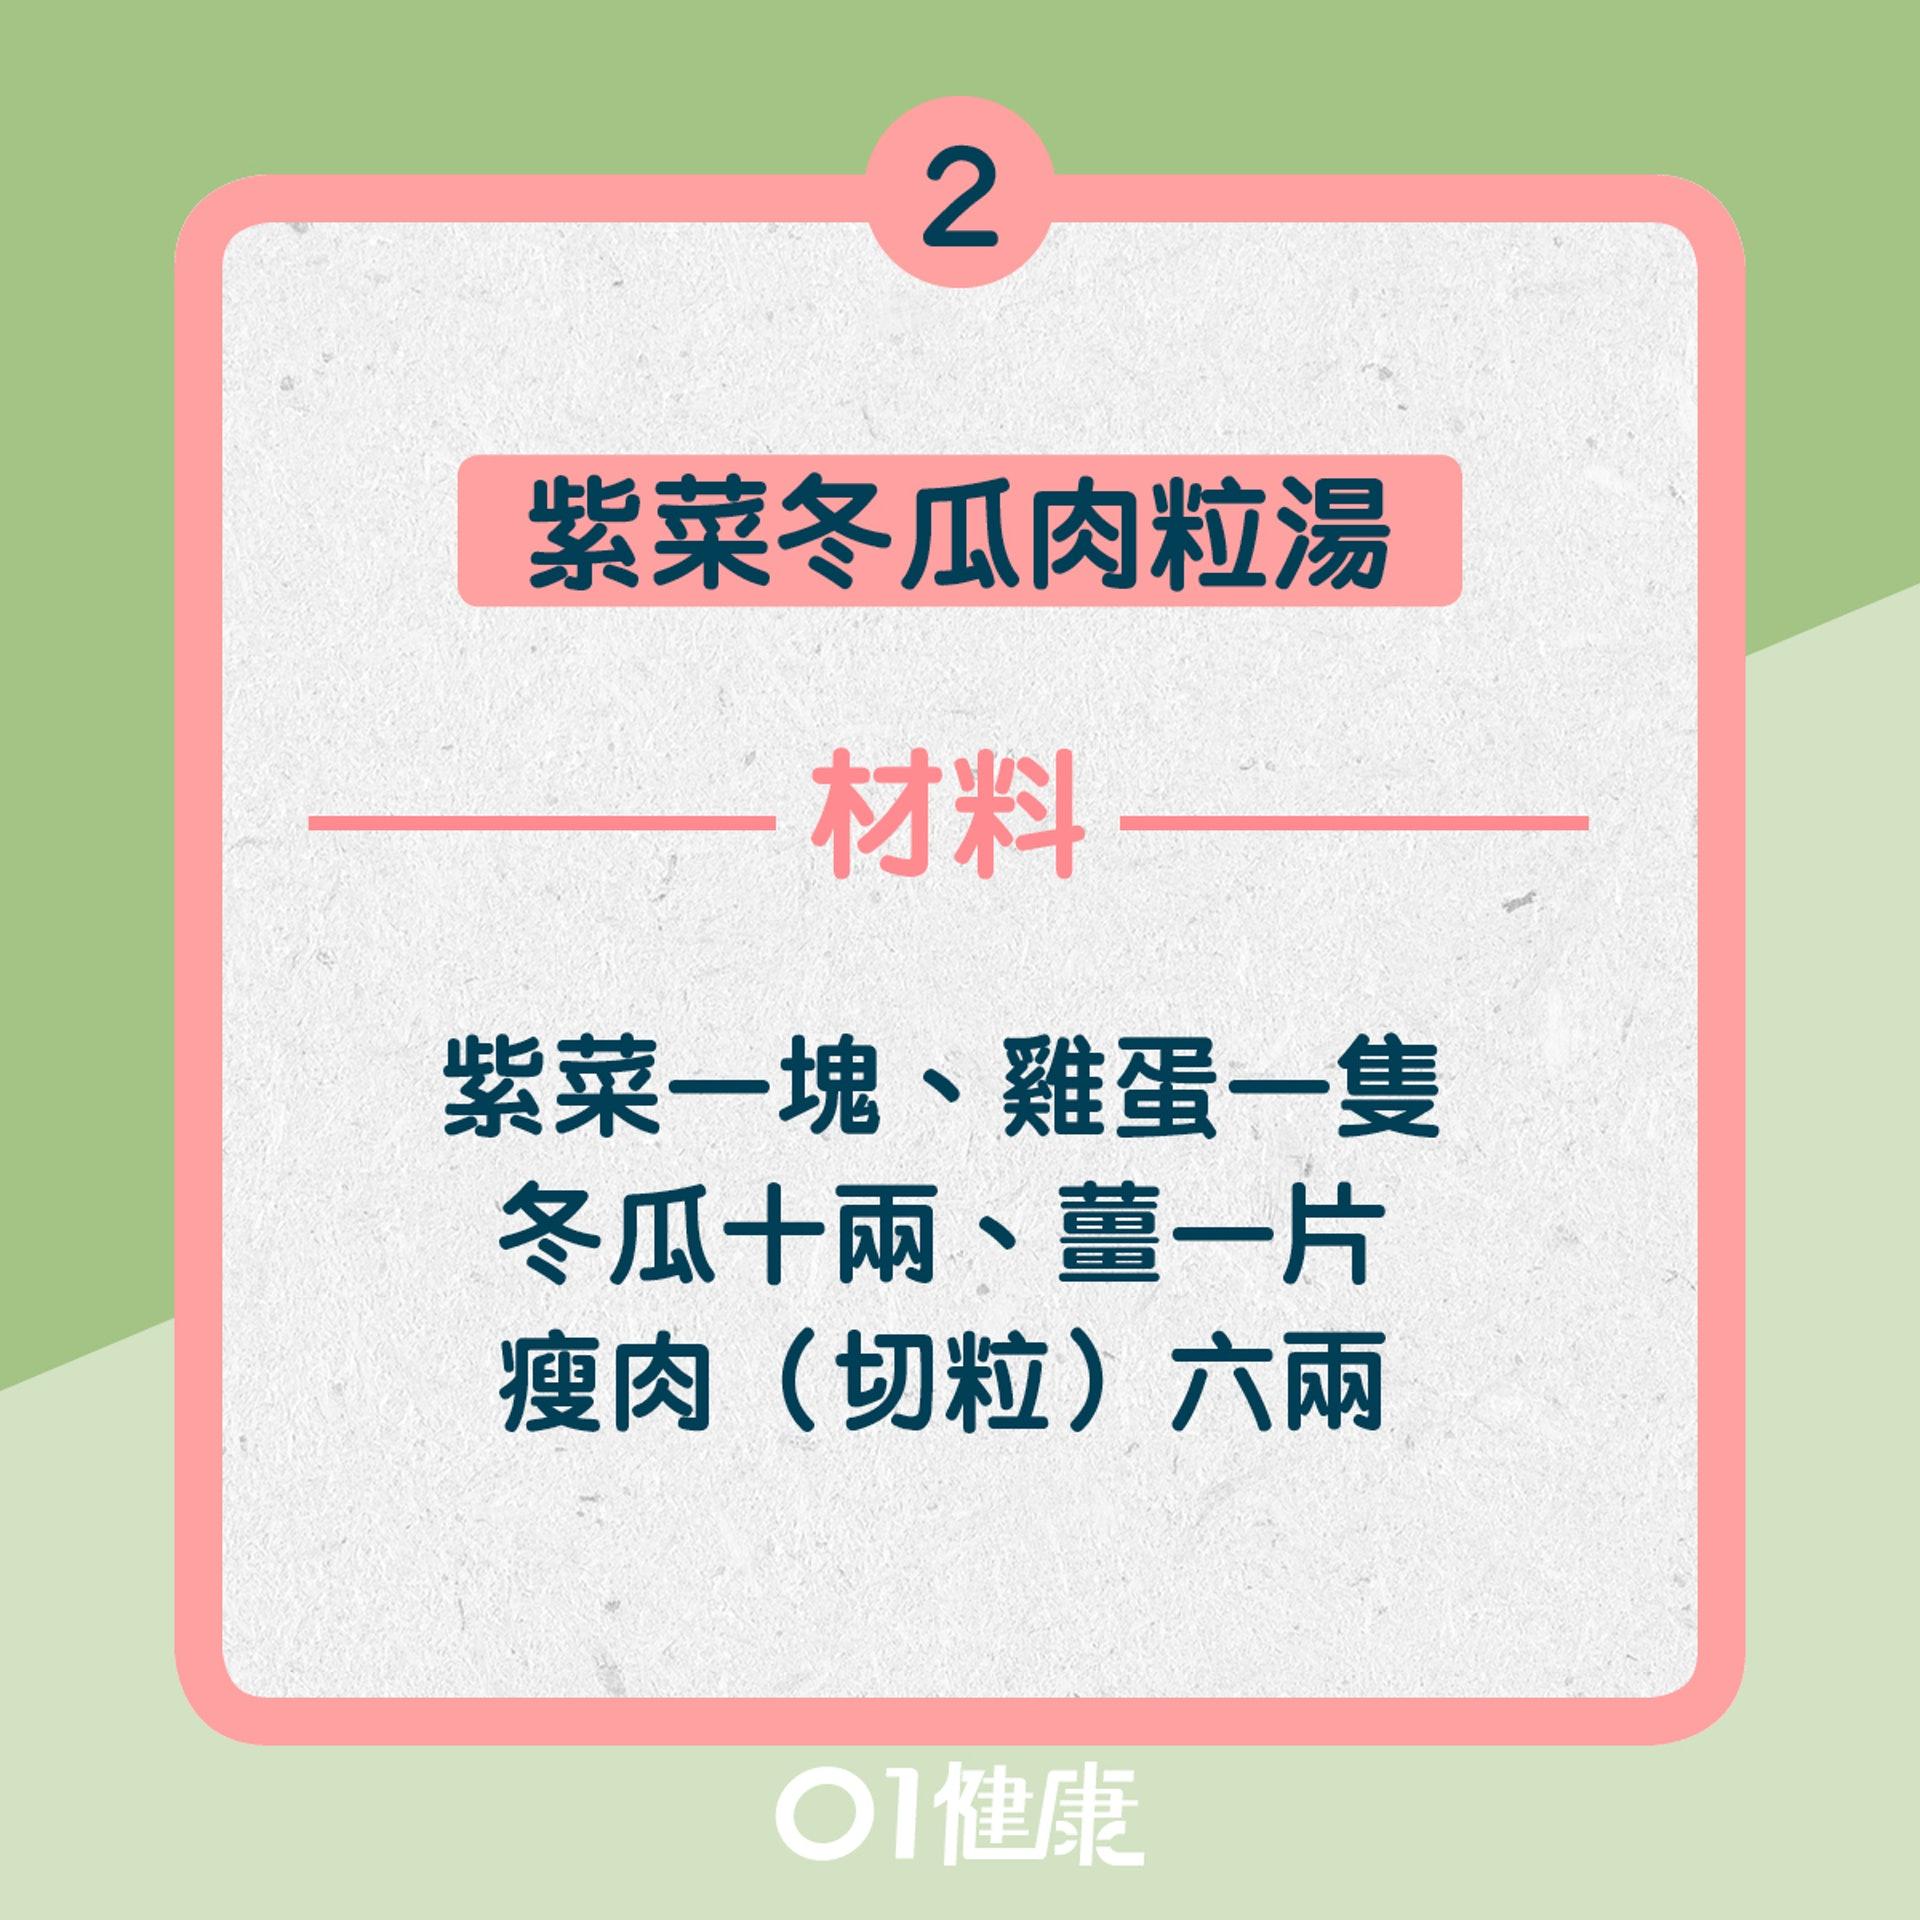 2. 紫菜冬瓜肉粒湯:材料(01製圖)